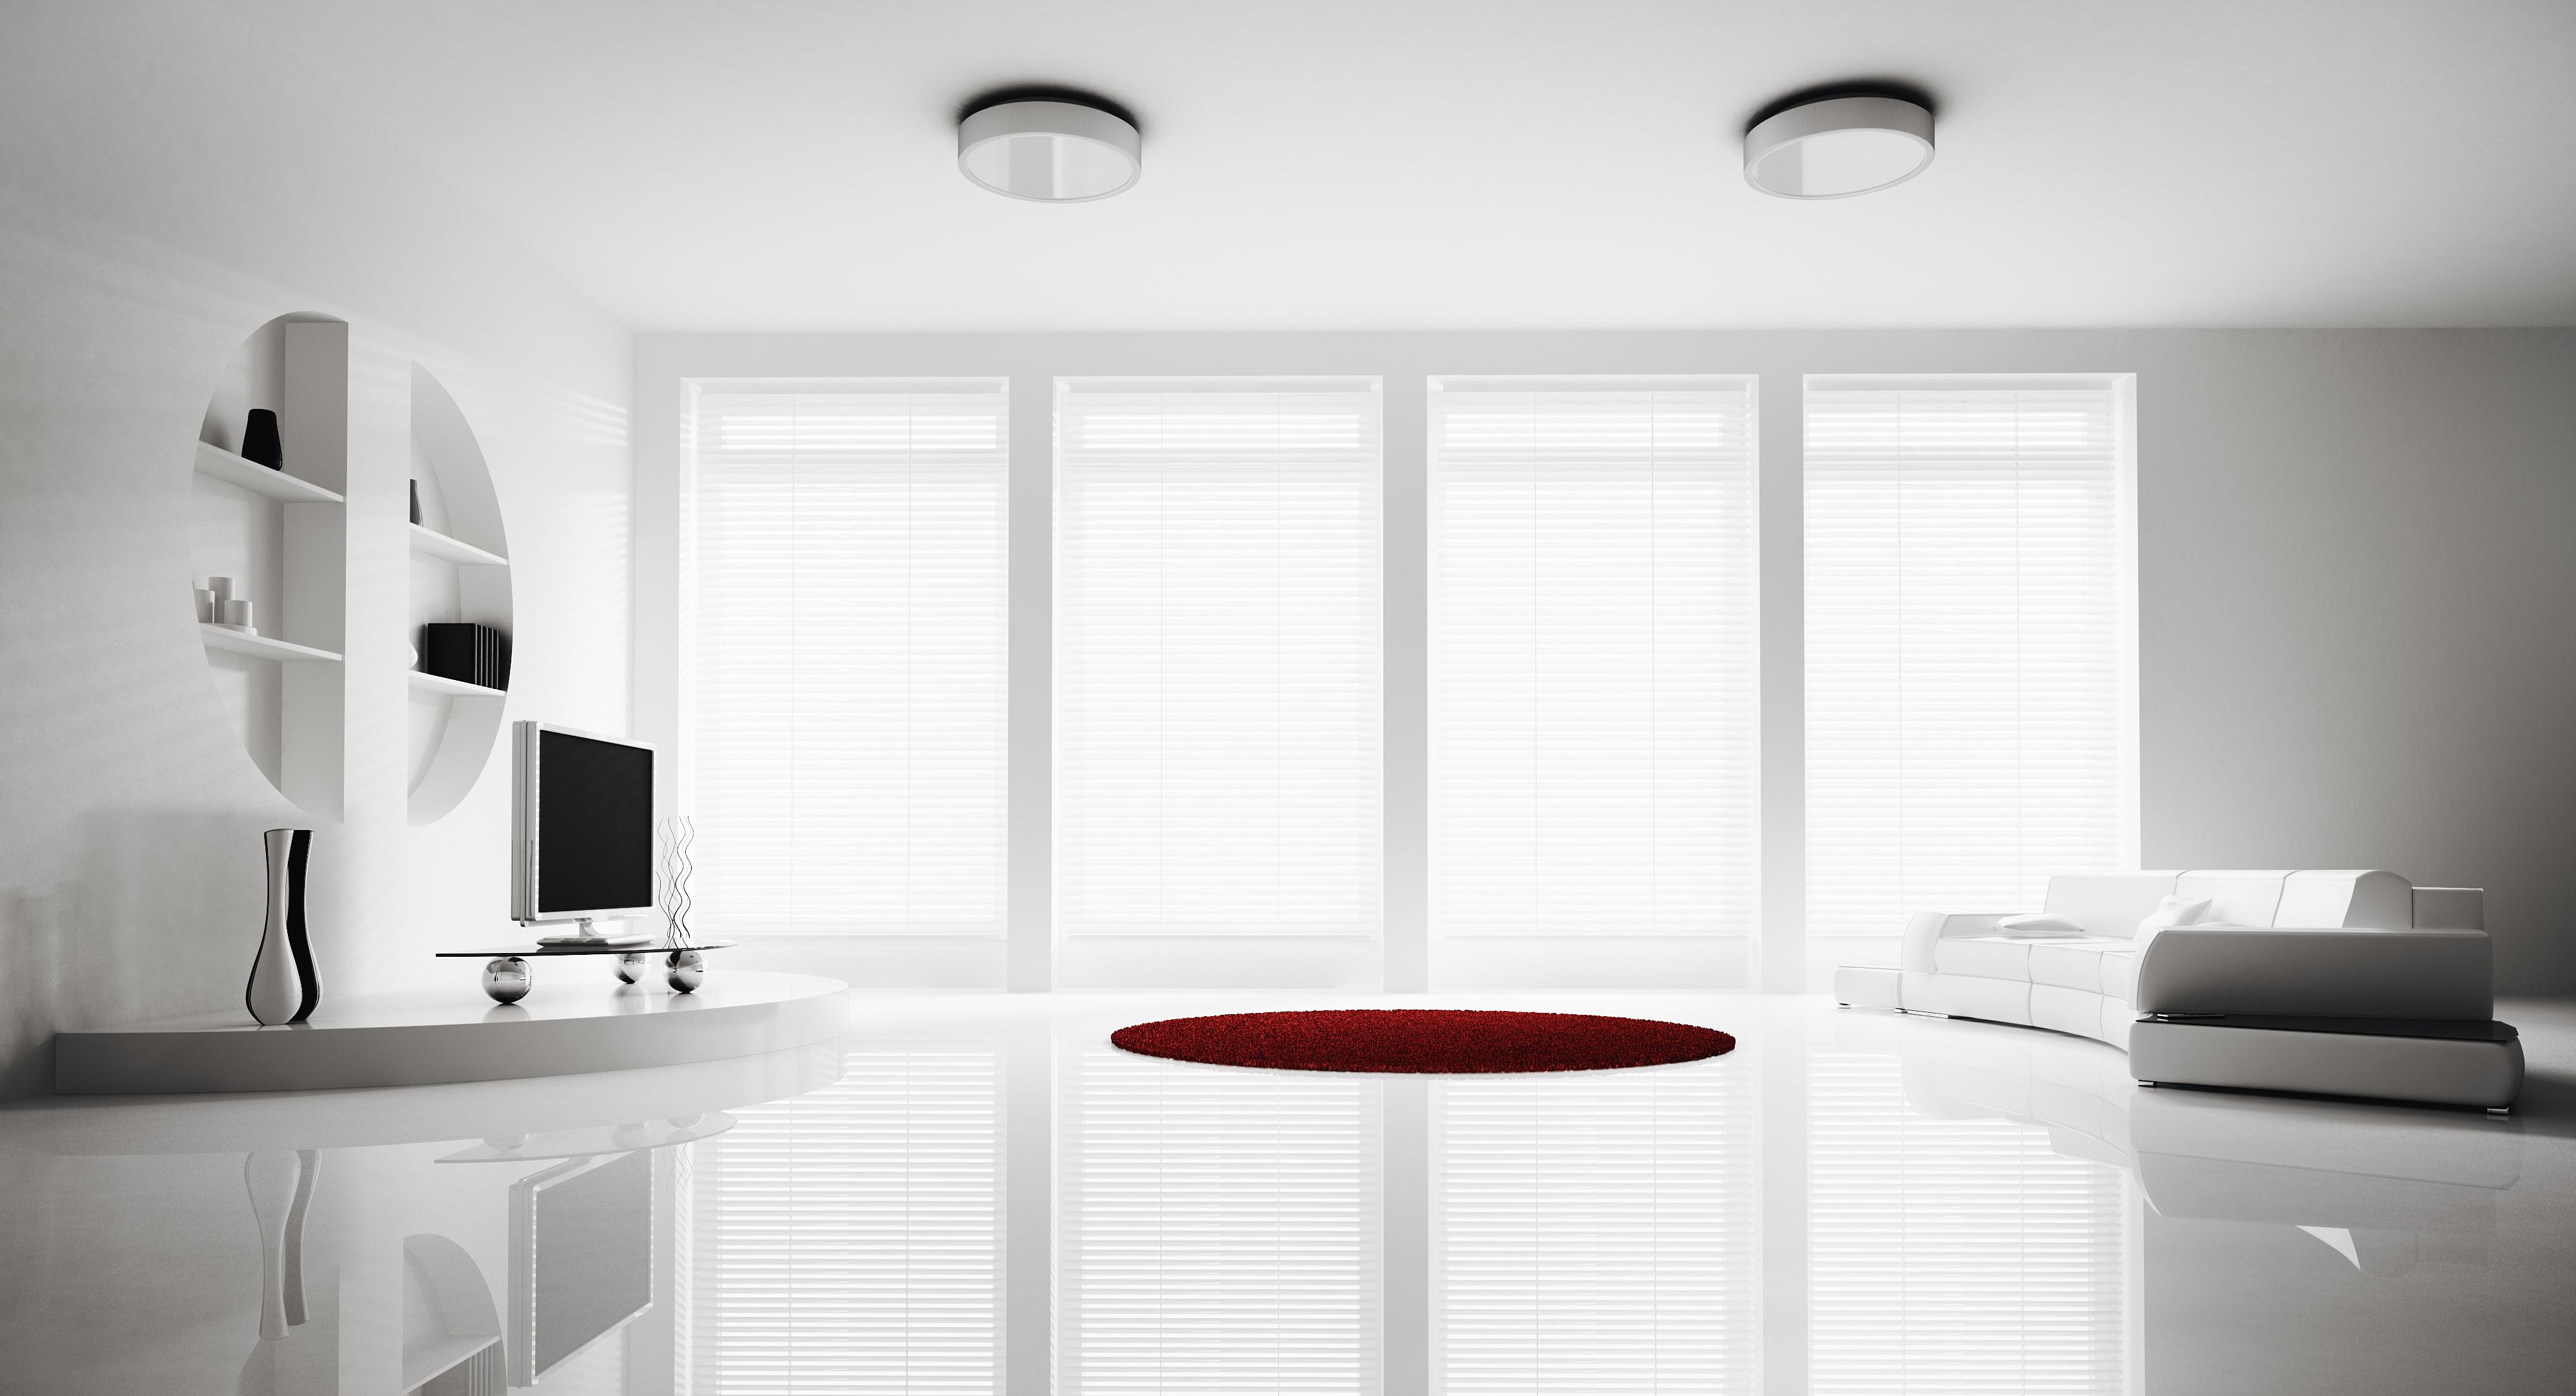 Luxusní bílý pokoj se 4 okny